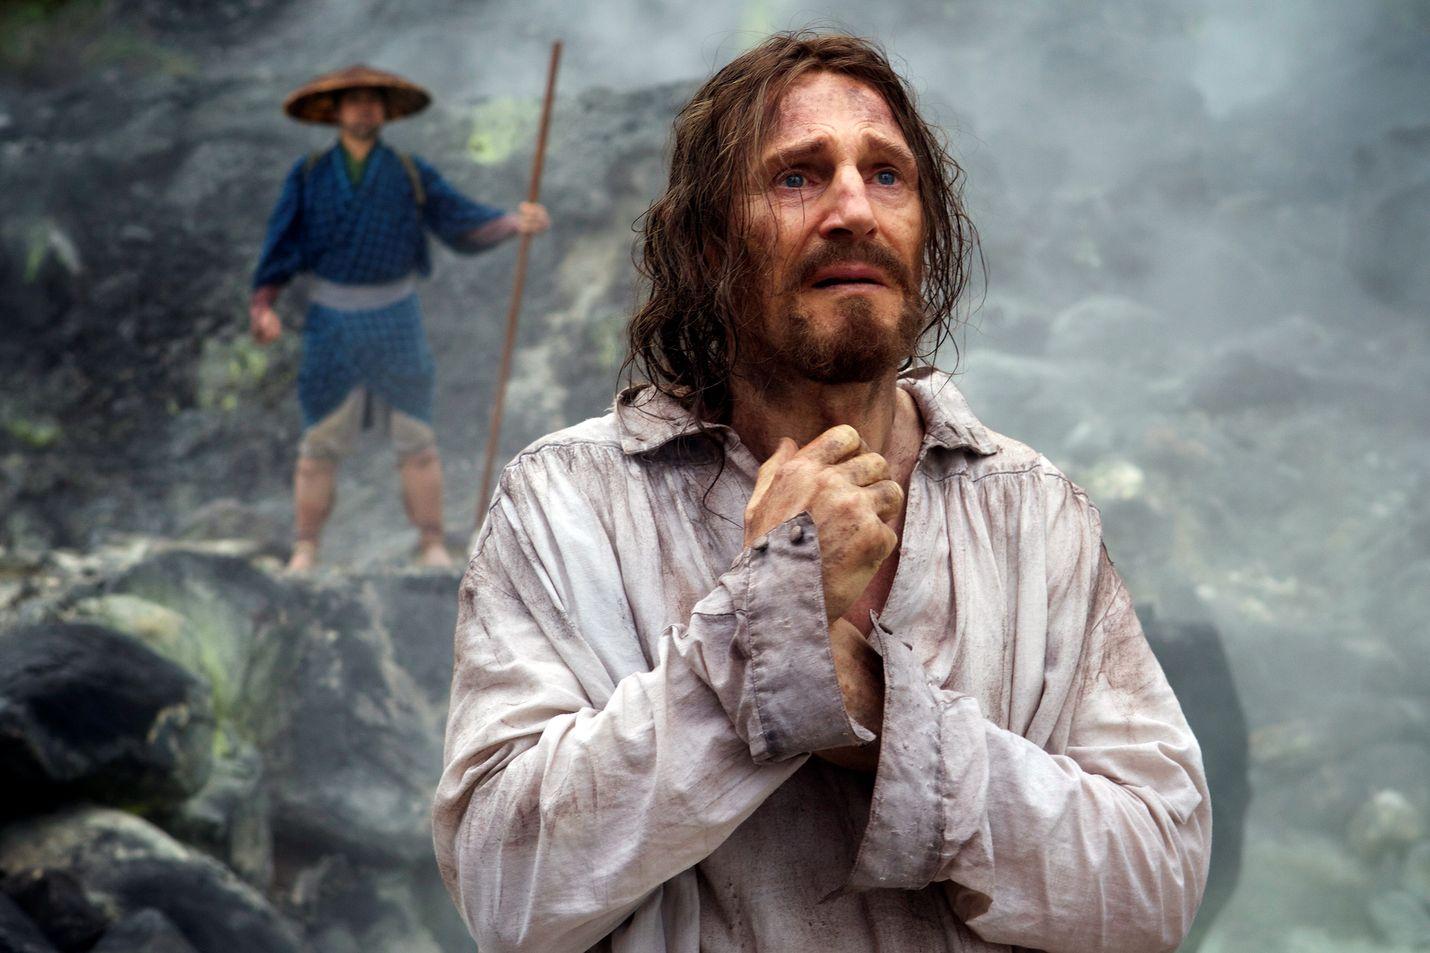 Kaksi jesuiittapappia matkustaa 1600-luvulla Japaniin etsimään oppi-isäänsä (Liam Neeson) ja levittääkseen uskoaan, mutta kohtaavat väkivaltaa ja vainoa.